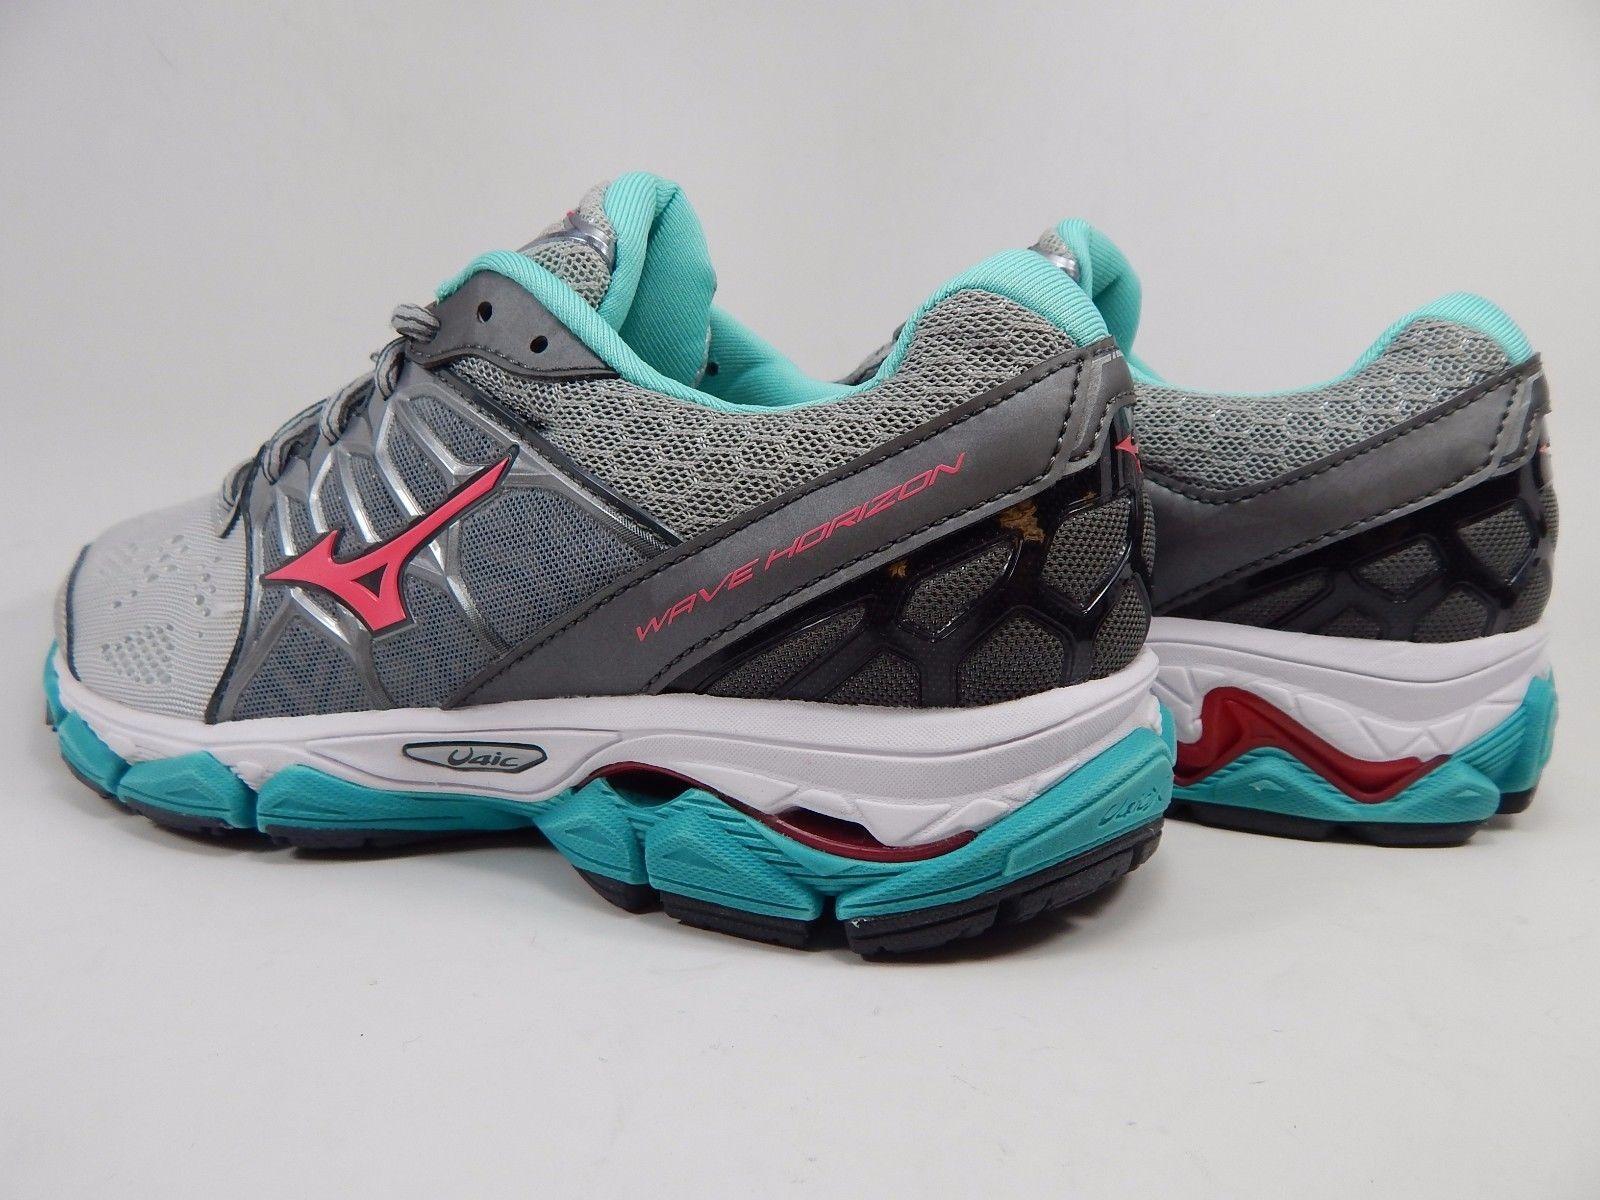 Mizuno Wave Horizon Women's Running Shoes Size US 8 M (B) EU 38.5 Silver / Green